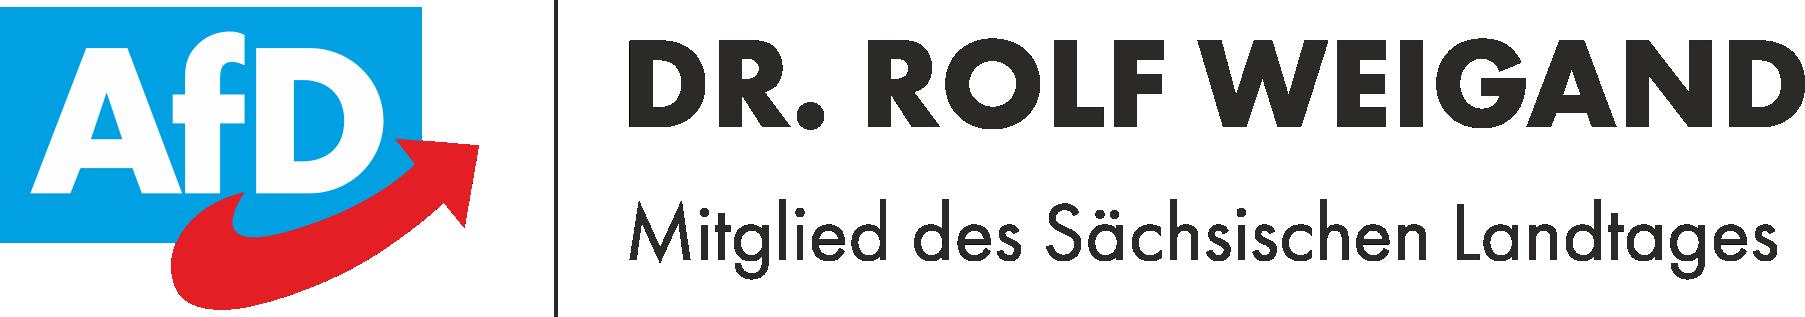 MdL Dr. Rolf Weigand │ AfD Sachsen